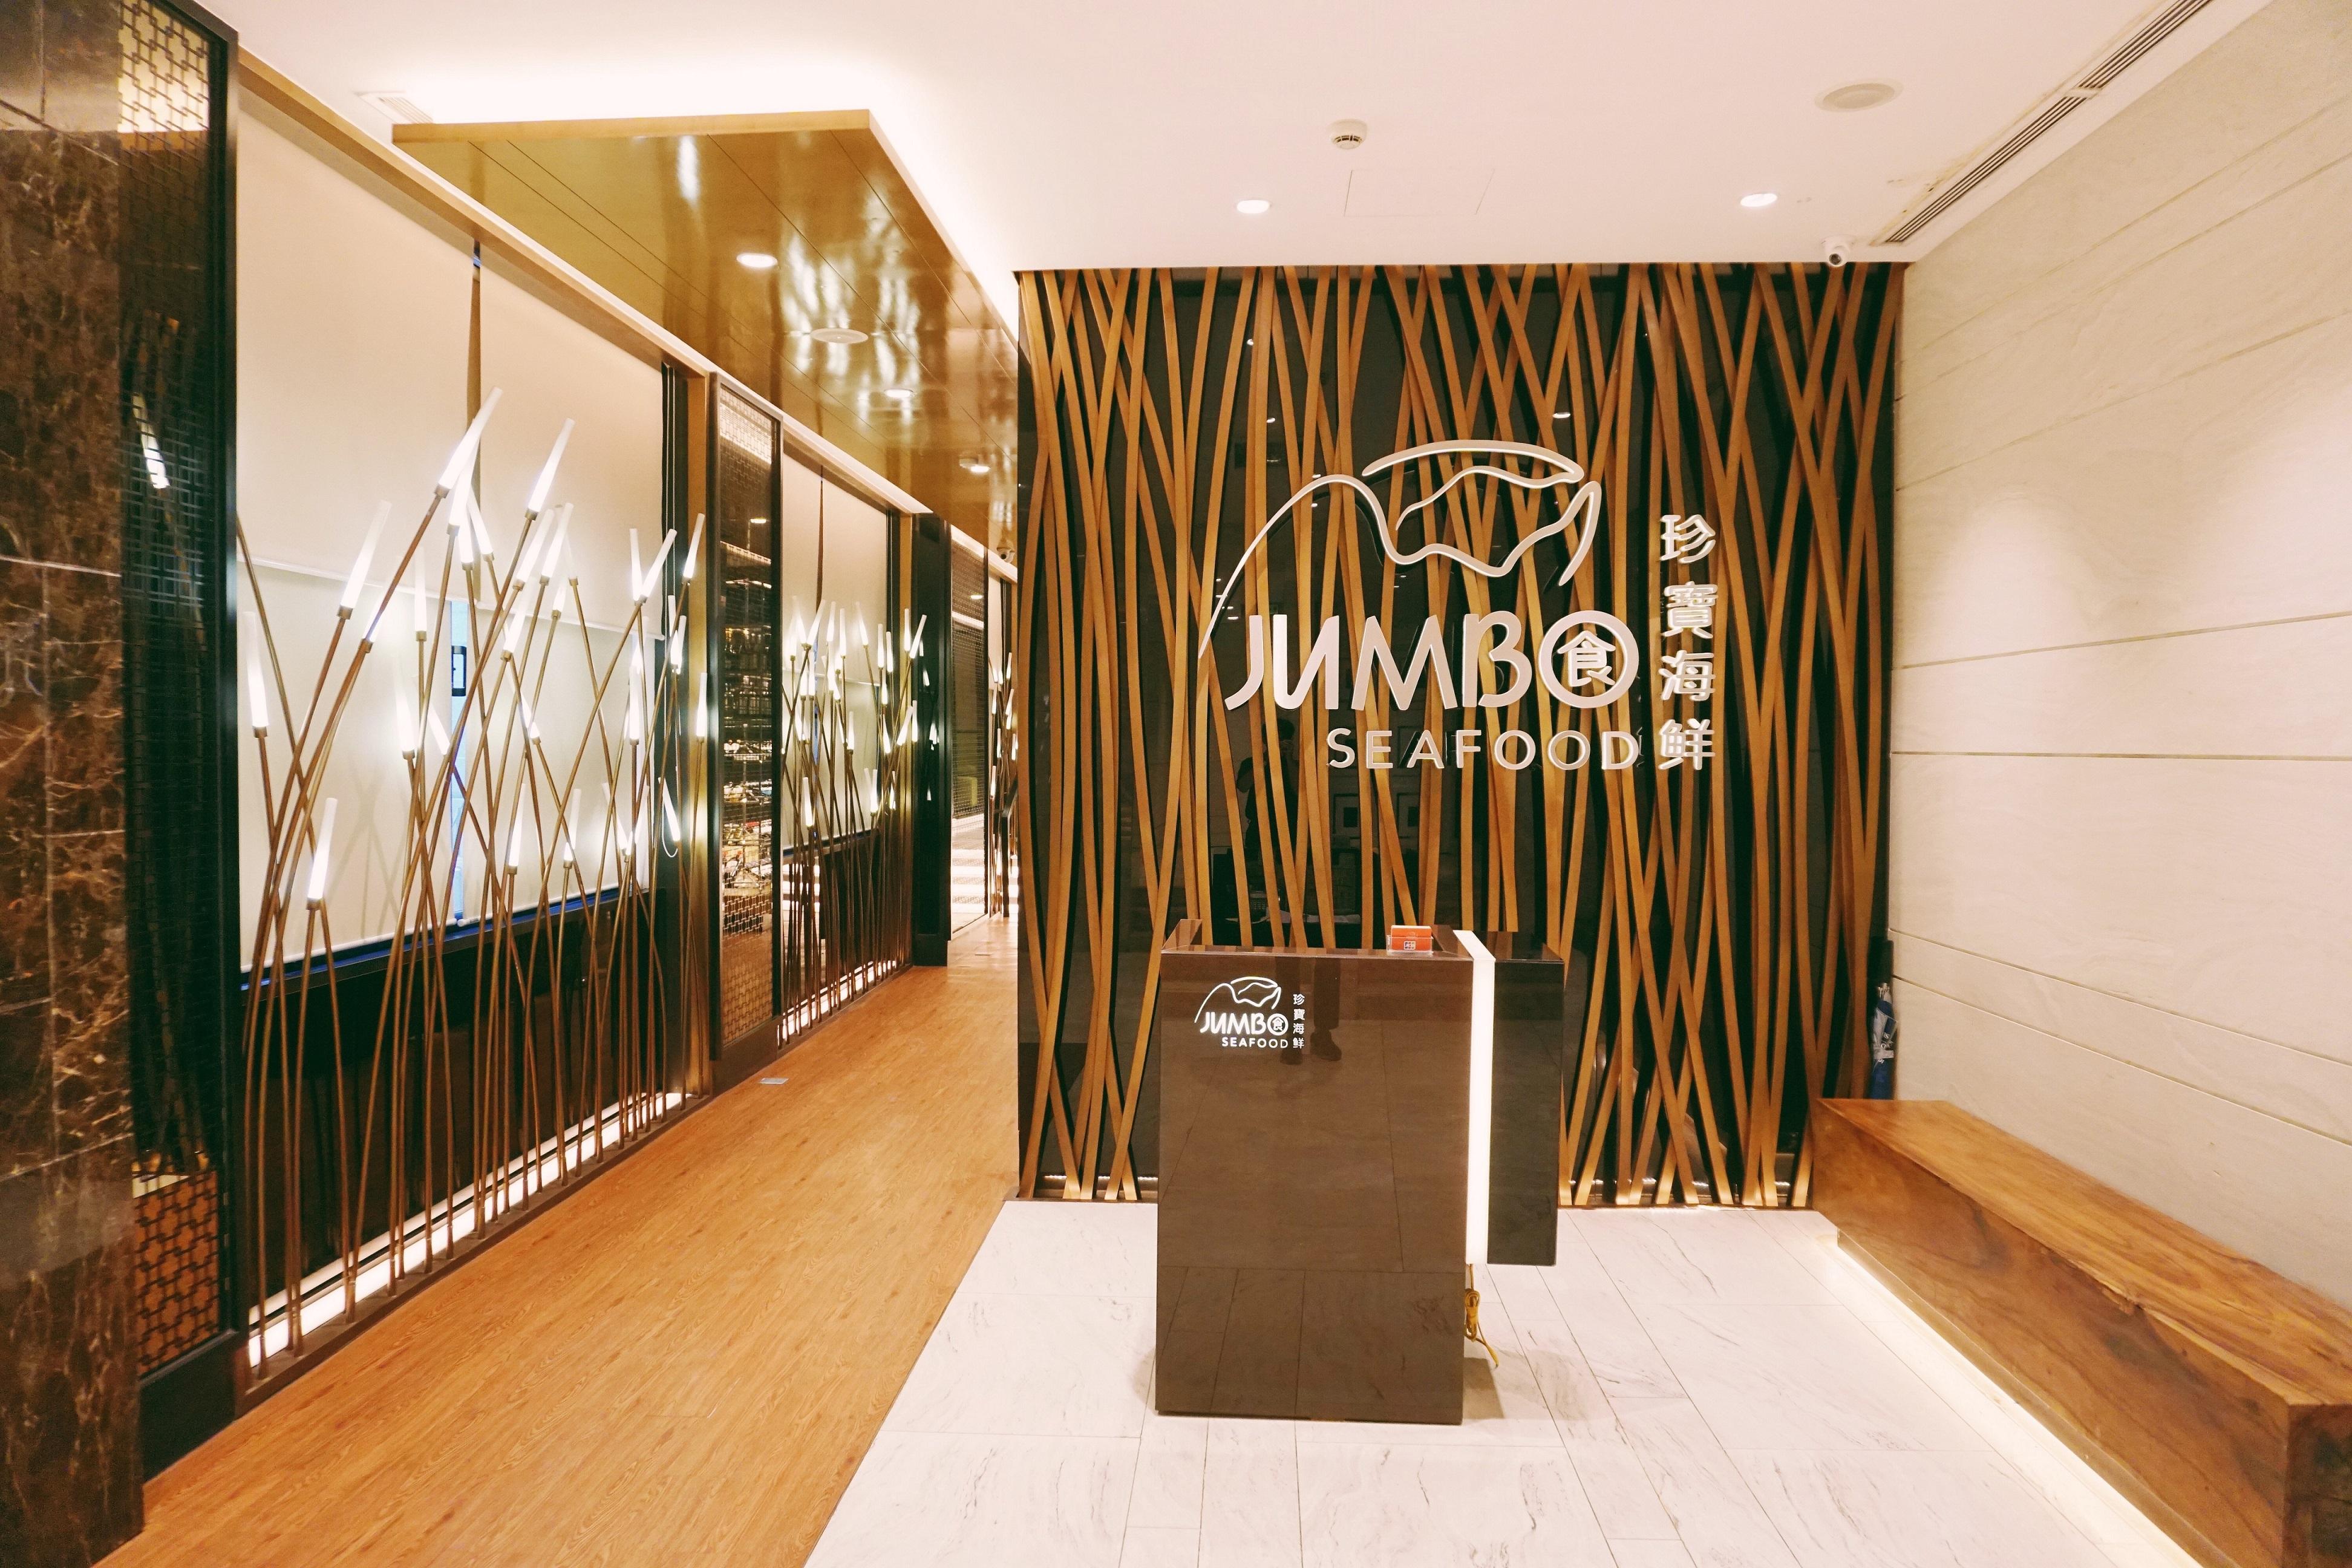 Jumbo Seafood - Một trong những thương hiệu thuộc sở hữu của Nova F&B